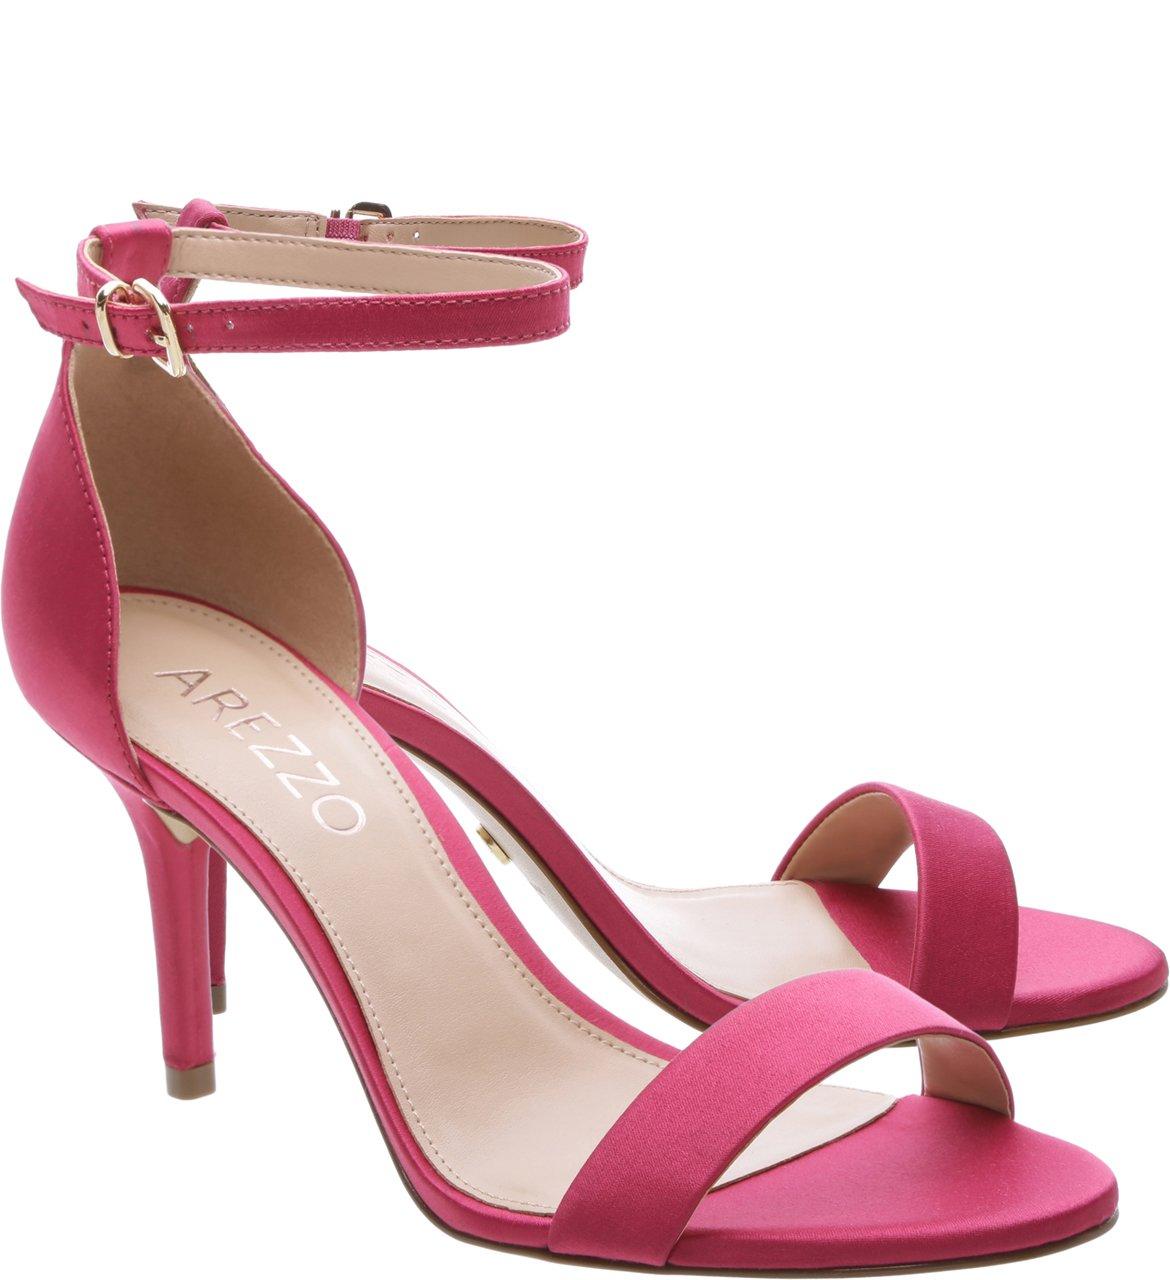 a49a1ae677 Sandalia Isabeli Arezzo Salto Medio Fino Pink